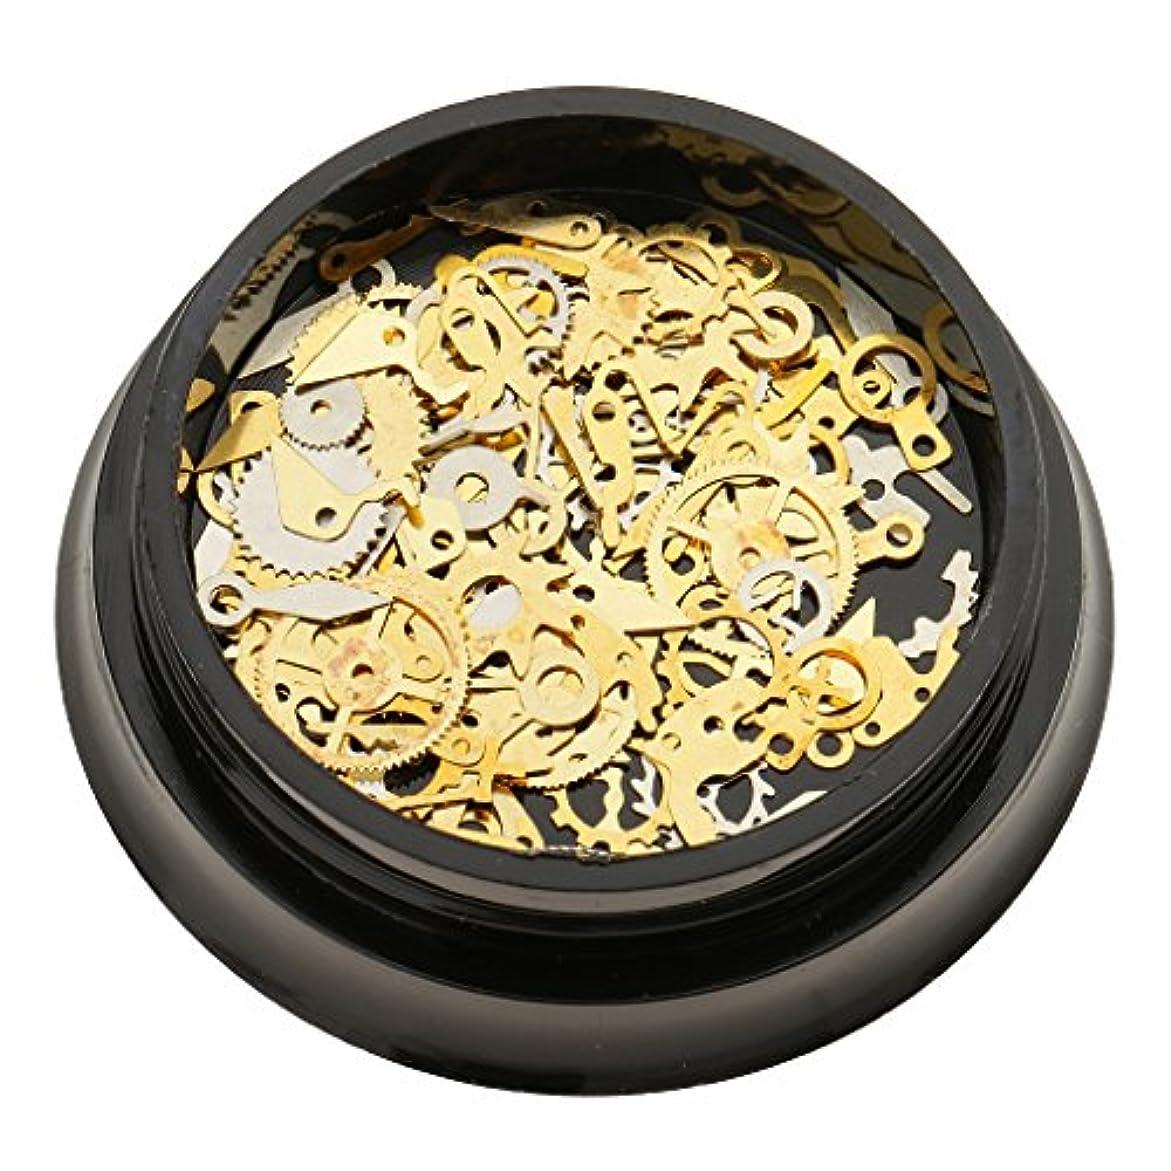 許可返還自分のToygogo 3Dスチームパンク機械部品ギアホイールネイルアート装飾のヒント金属